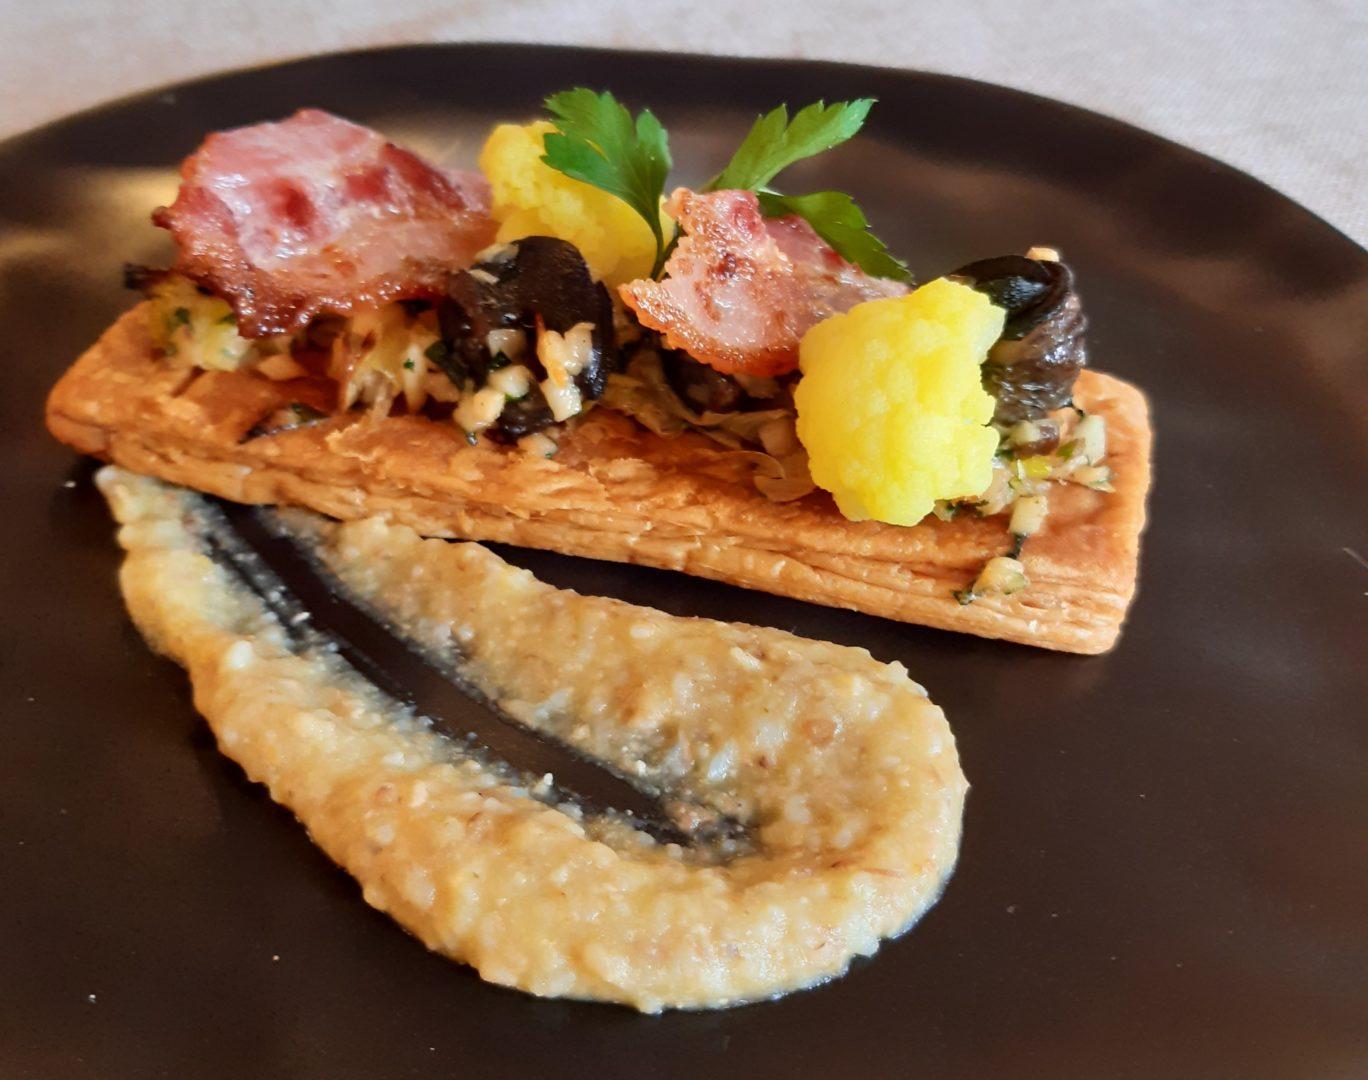 Auberge-de-l-ile-plats-varies-faits-maison